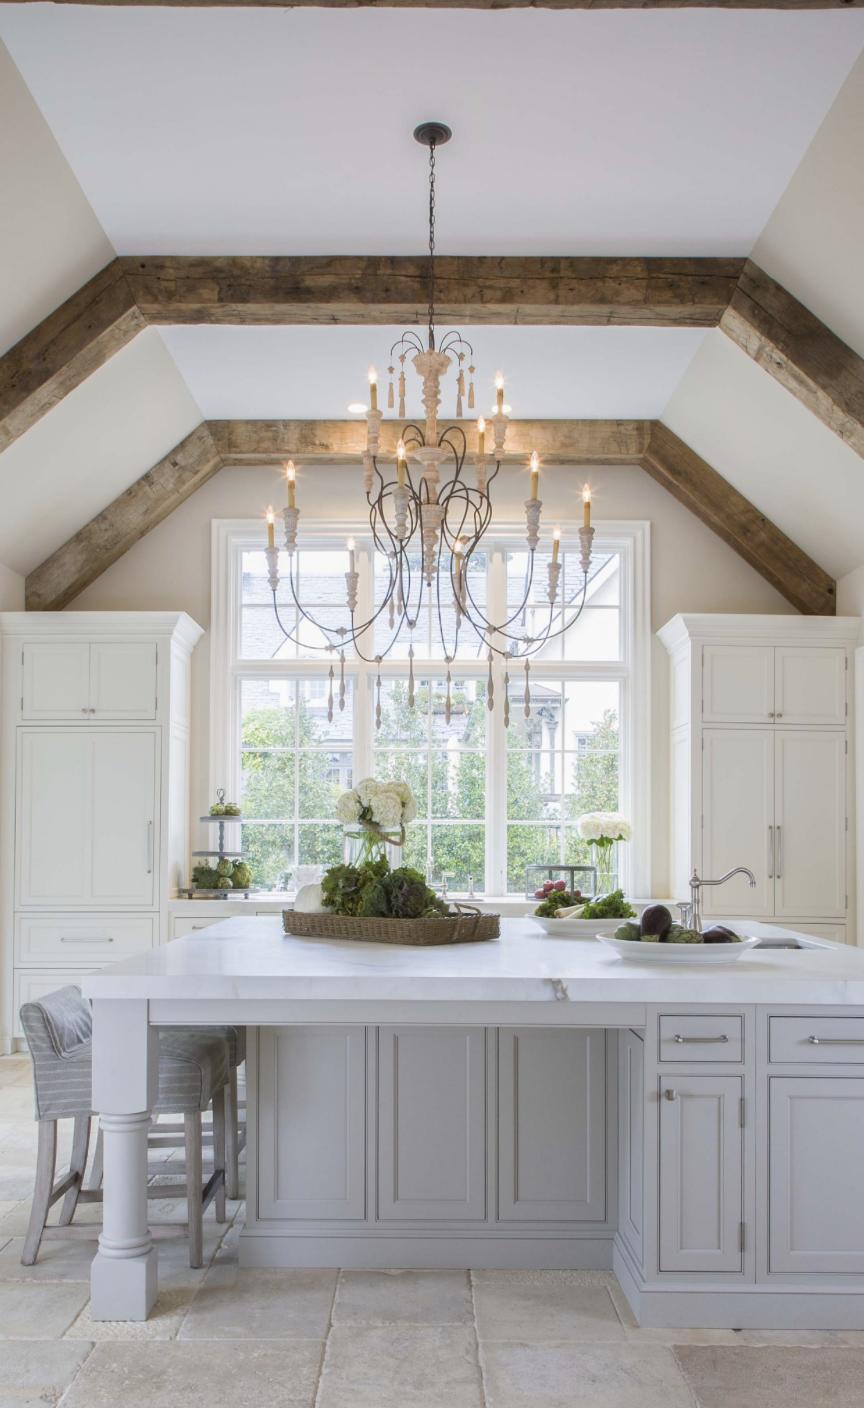 Pin de Madi Traughber en cozy cabin | Pinterest | Cocinas y Decoración